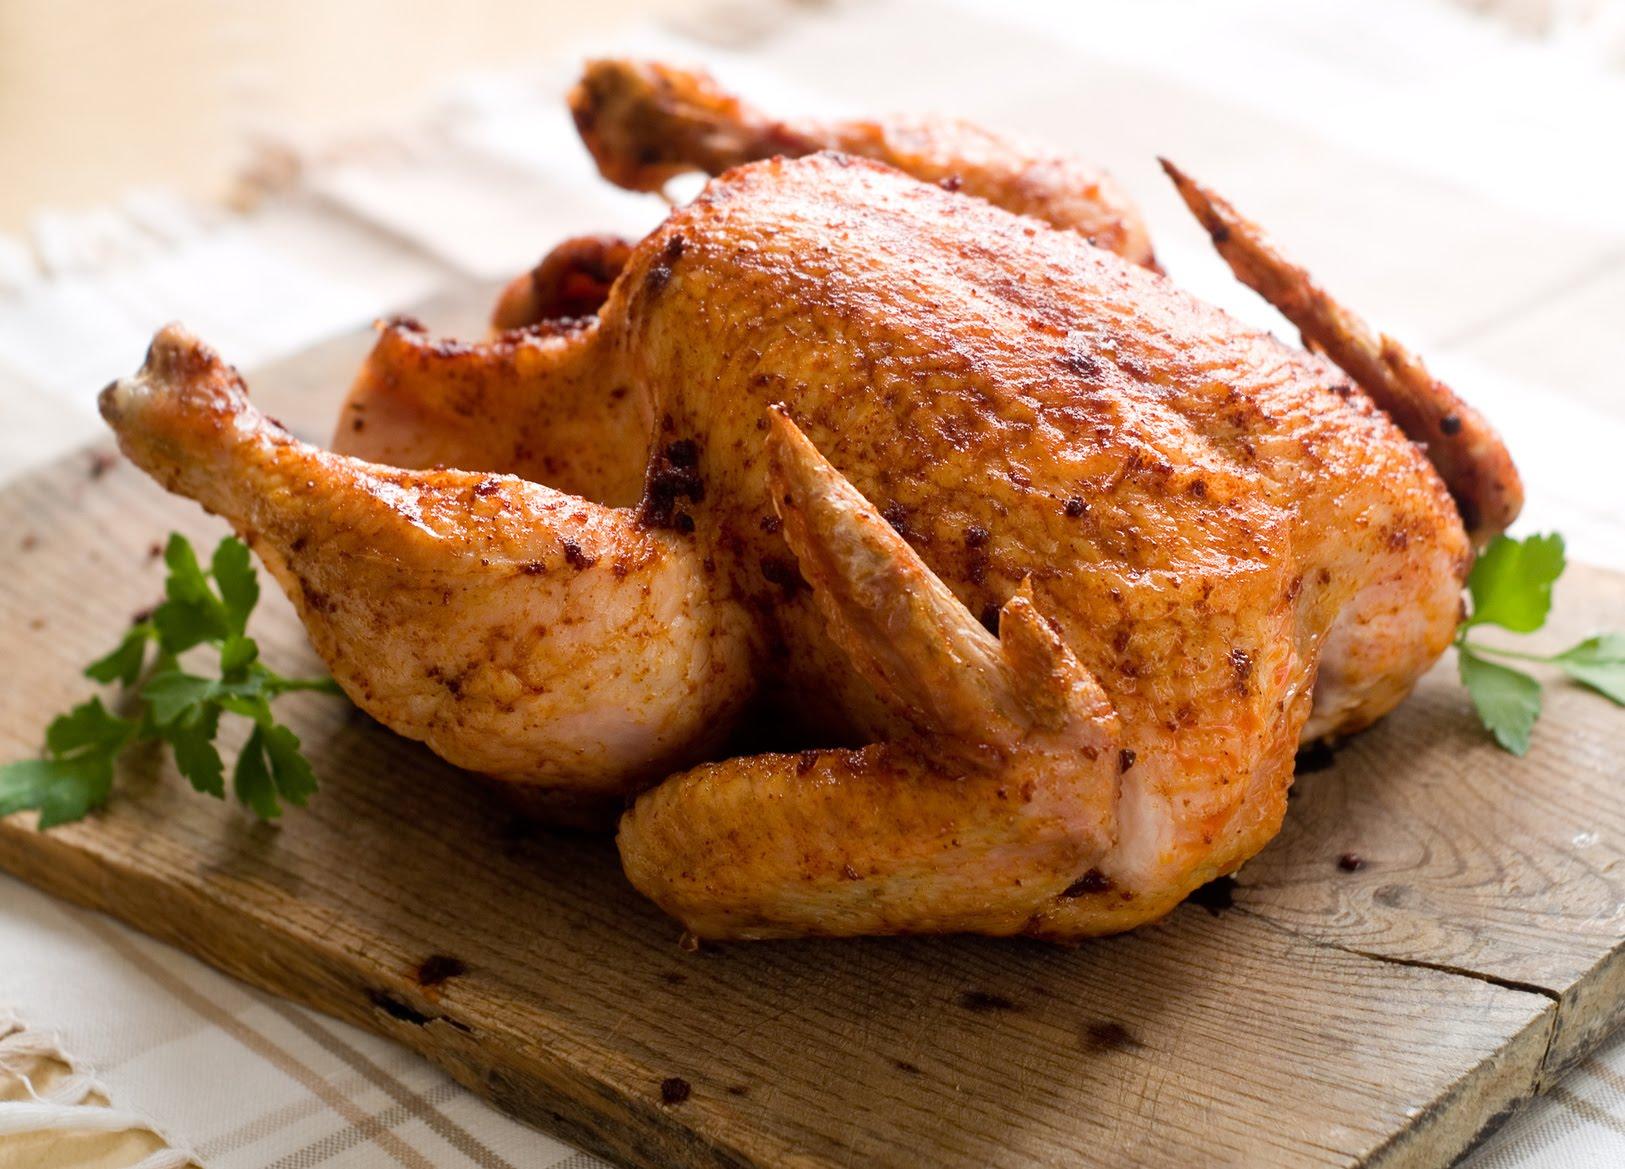 цыпленок жареный картинка дешевле